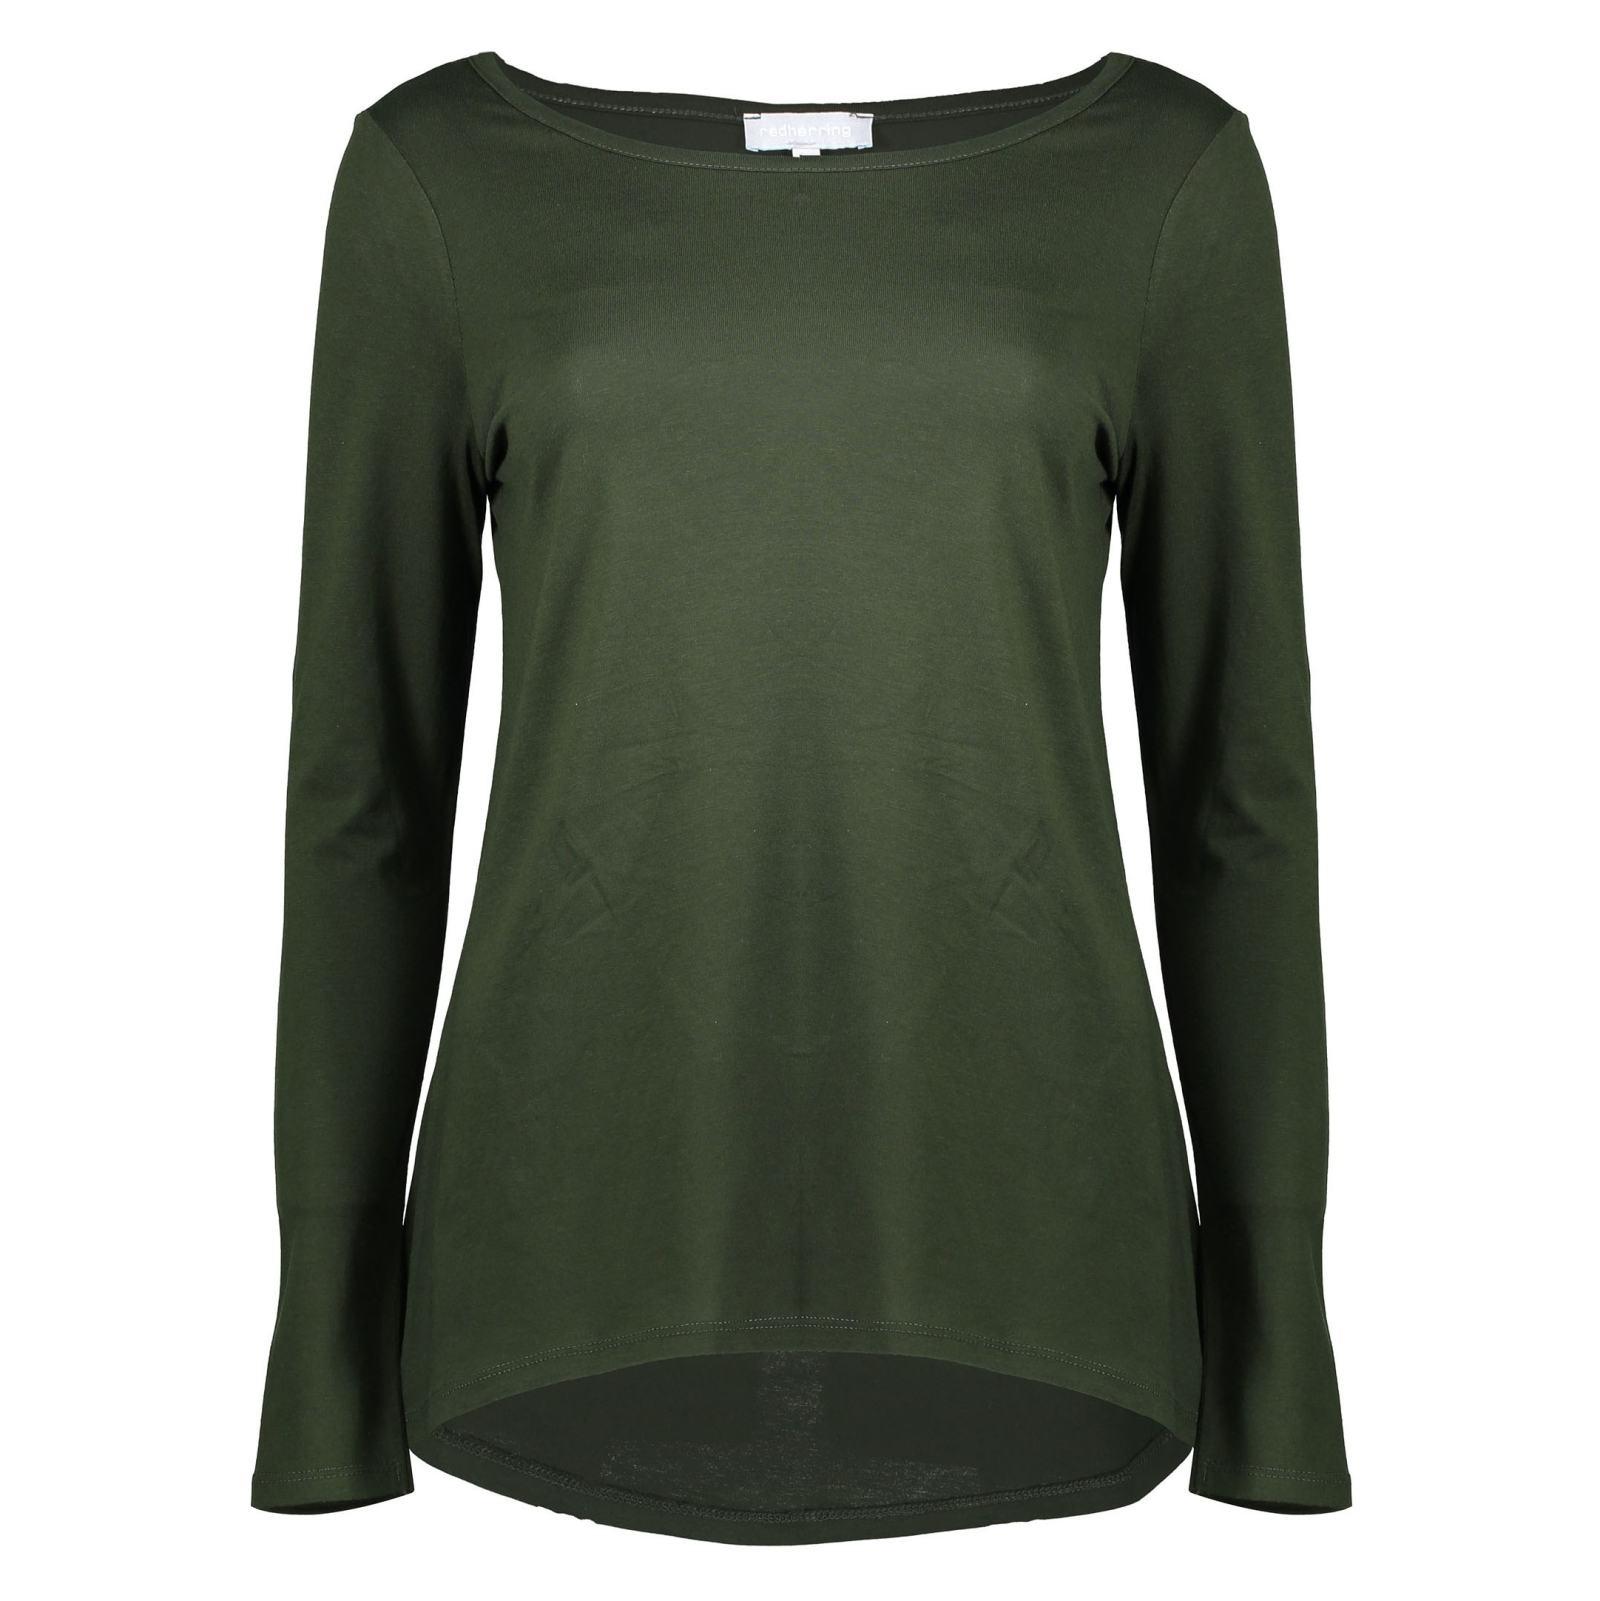 تی شرت نخی آستین بلند زنانه - رد هرینگ - سبز - 1